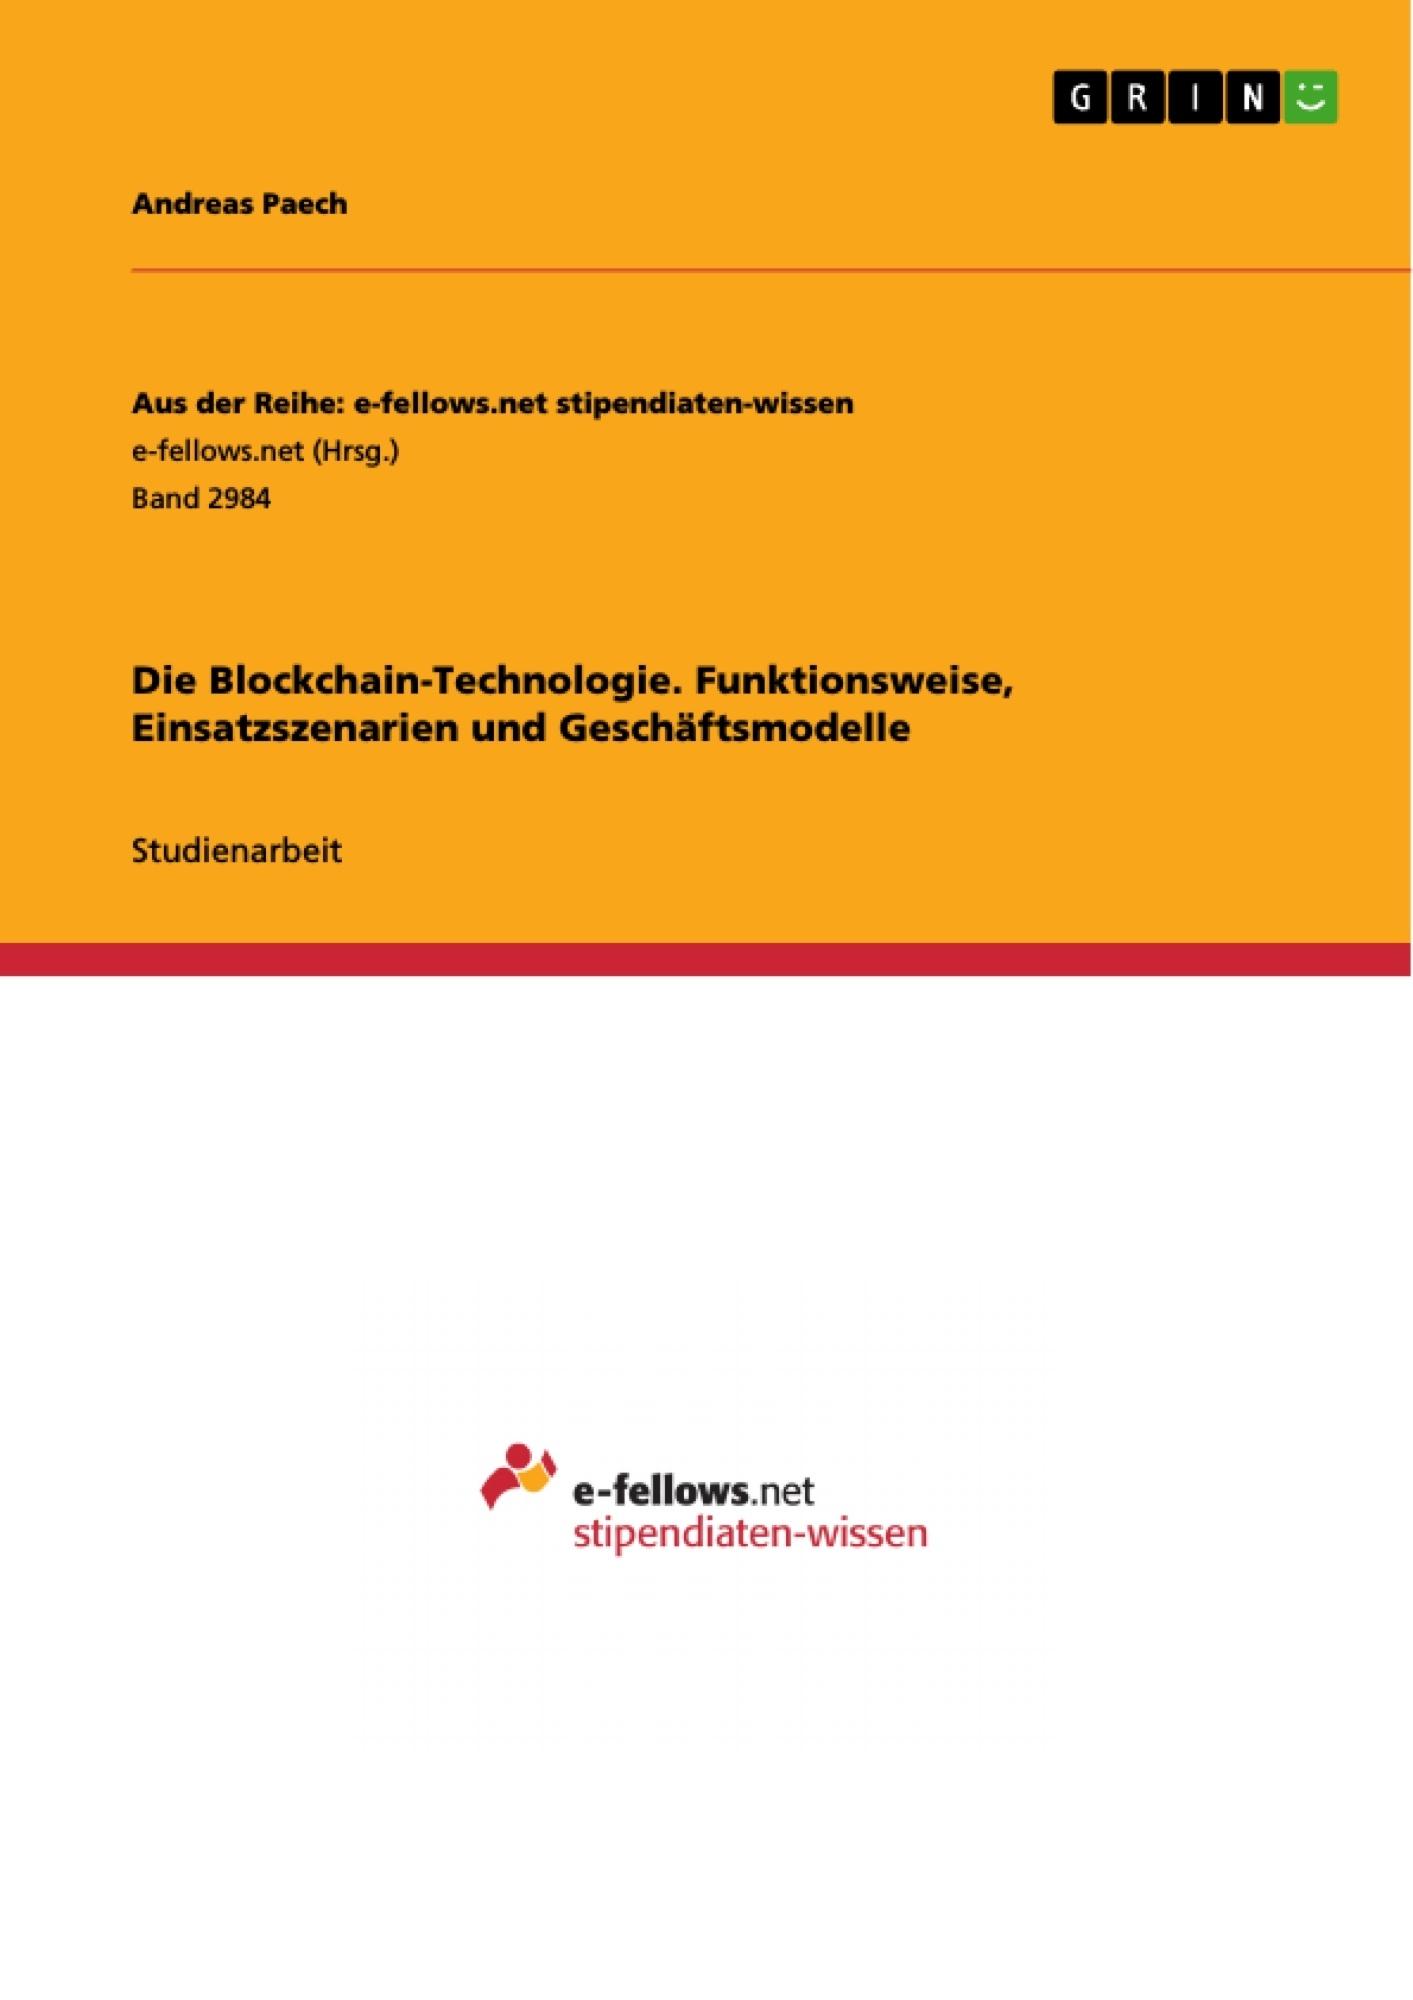 Titel: Die Blockchain-Technologie. Funktionsweise, Einsatzszenarien und Geschäftsmodelle